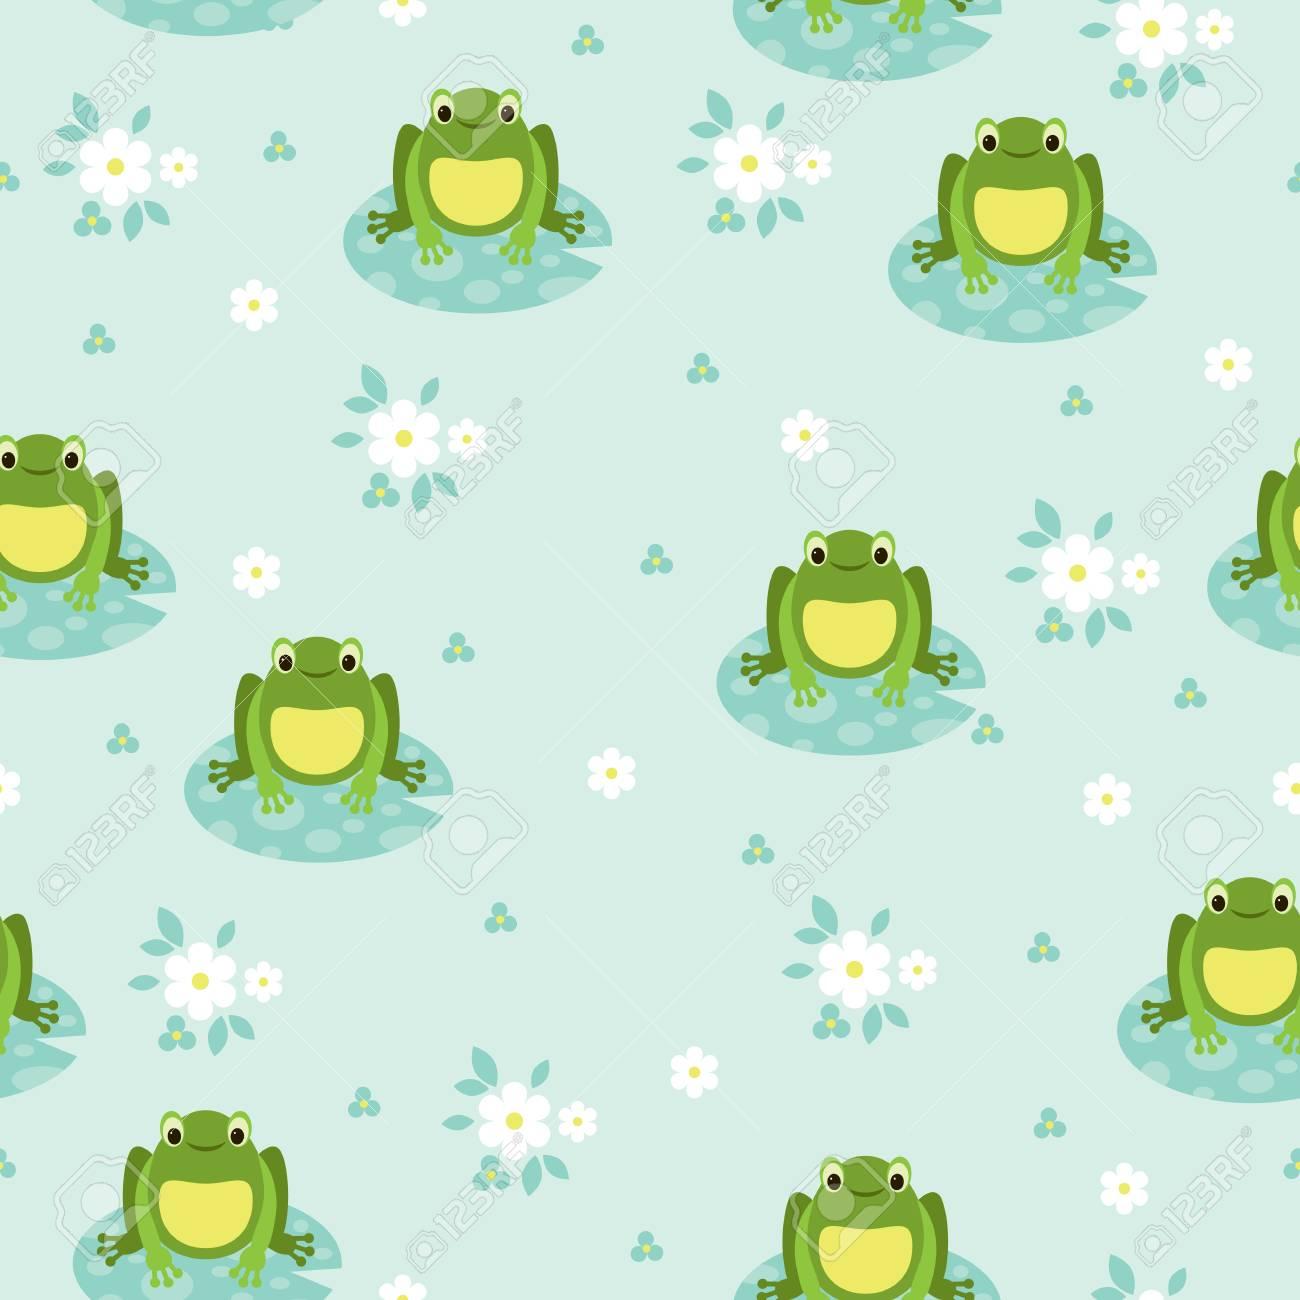 シームレスな壁紙緑カエルと青い湖のイラスト素材 ベクタ Image